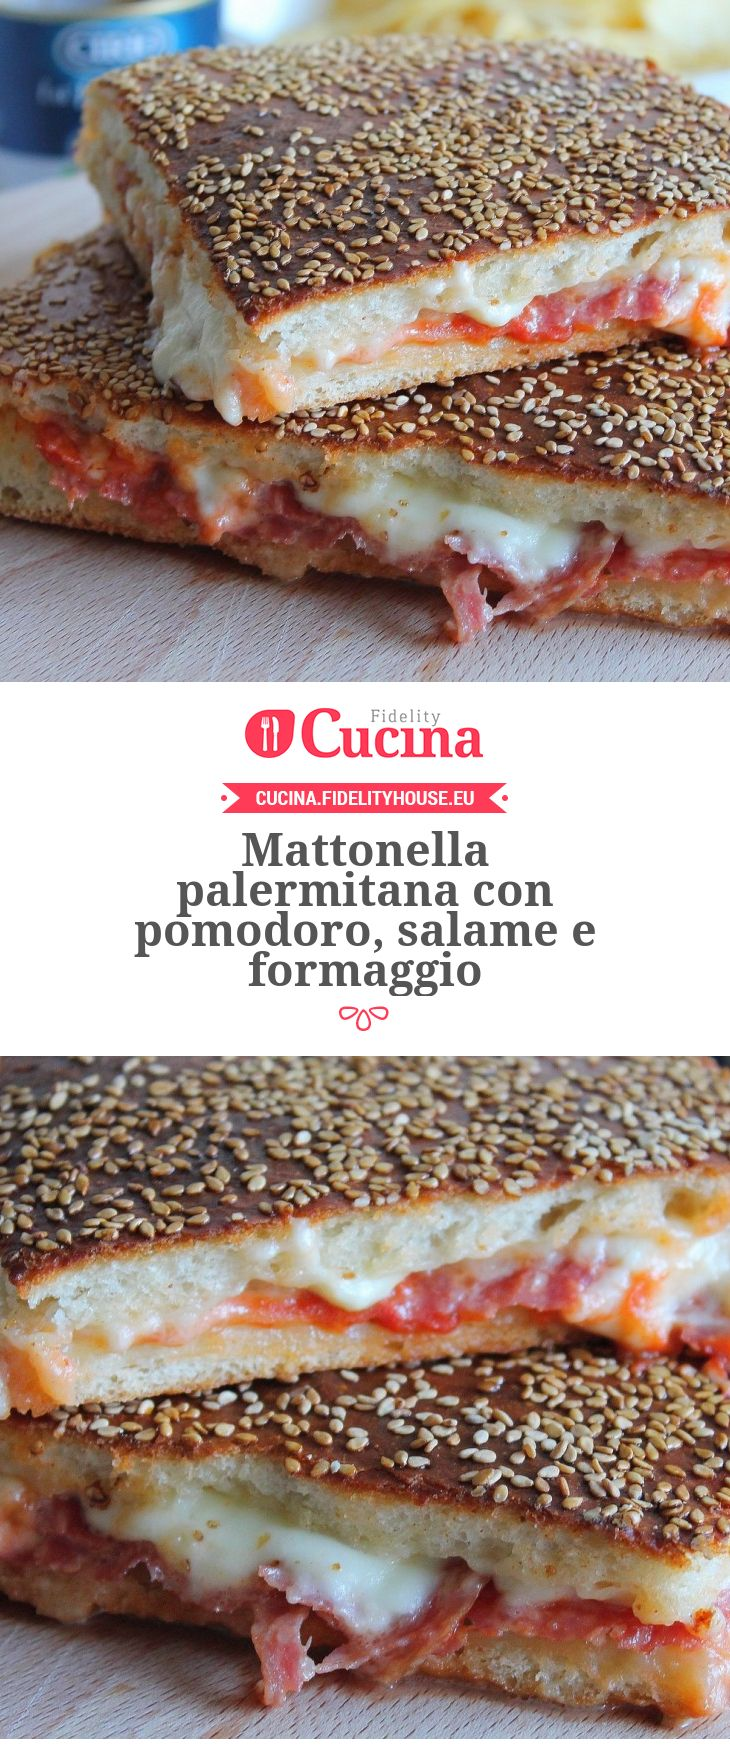 Mattonella palermitana con pomodoro, salame e formaggio